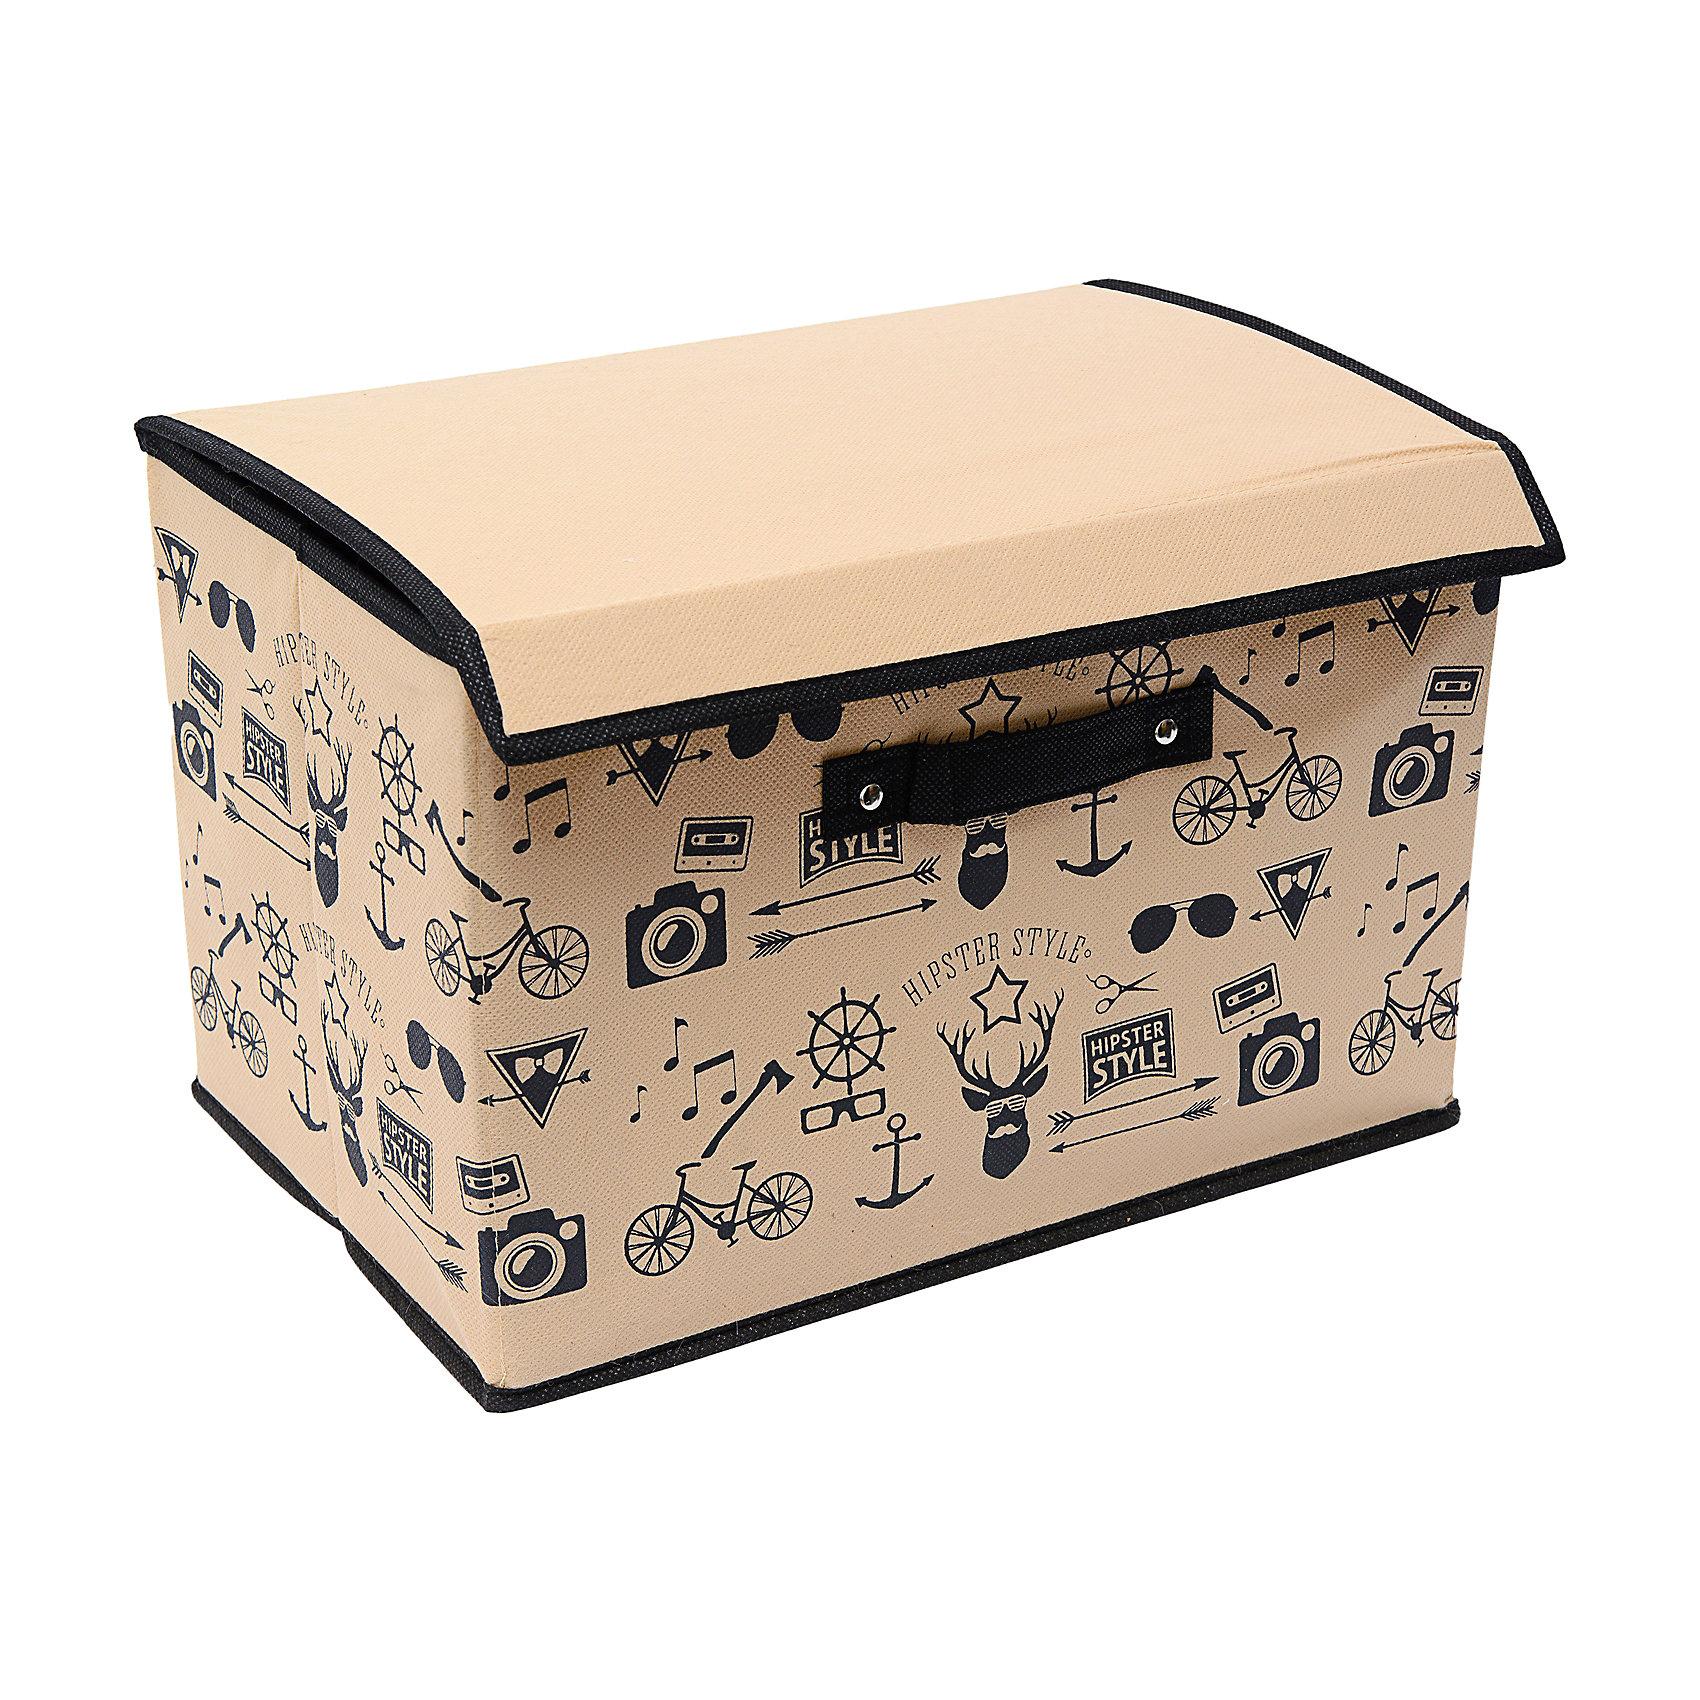 Коробка с крышкой большая (38*25*25) Hipster Style, HomsuПорядок в детской<br>Универсальная коробочка для хранения любых вещей. Оптимальный размер позволяет хранить в ней любые вещи и предметы. Идеально подходит в шкафы Экспедит от Икея.<br><br>Ширина мм: 380<br>Глубина мм: 250<br>Высота мм: 40<br>Вес г: 300<br>Возраст от месяцев: 216<br>Возраст до месяцев: 1188<br>Пол: Унисекс<br>Возраст: Детский<br>SKU: 5620128